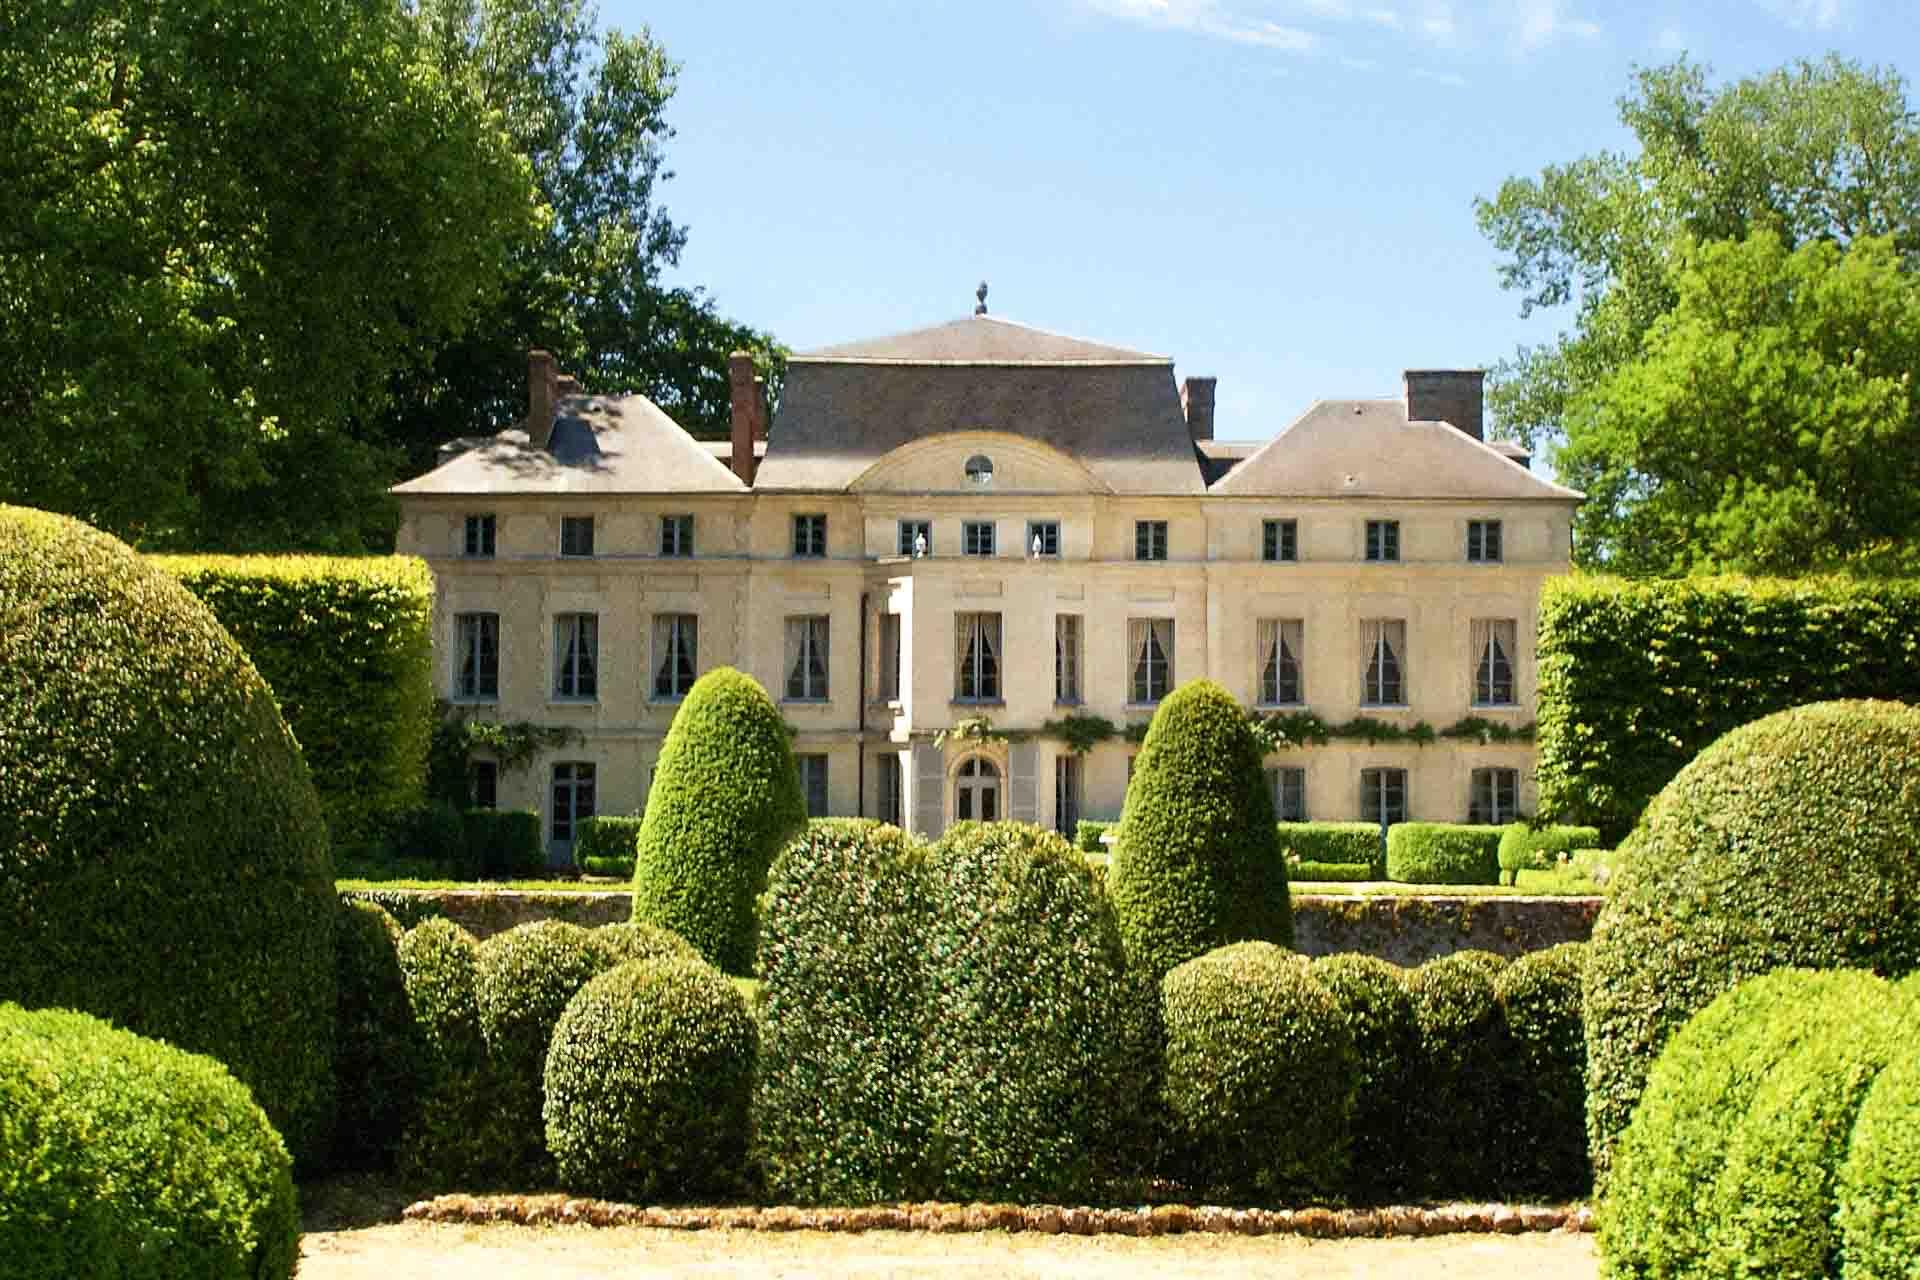 Au cœur d'un domaine champêtre de 40 hectares à l'ouest de Paris, un hôtel 5-étoiles, une offre gastronomique signée Eric Frechon ou un spa. Primard, la dernière adresse des Domaines de Fontenille, ouvrira au printemps 2021.